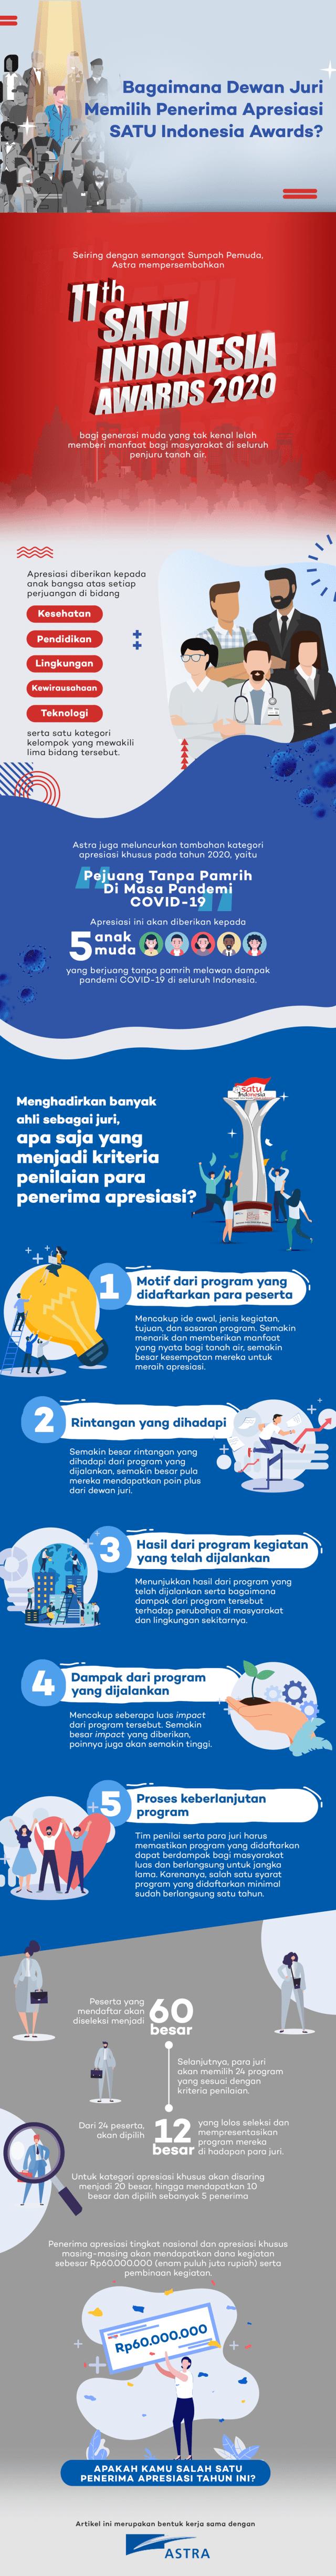 Cari Generasi Muda Inspiratif, Astra Hadirkan SATU Indonesia Awards 2020 (3628)